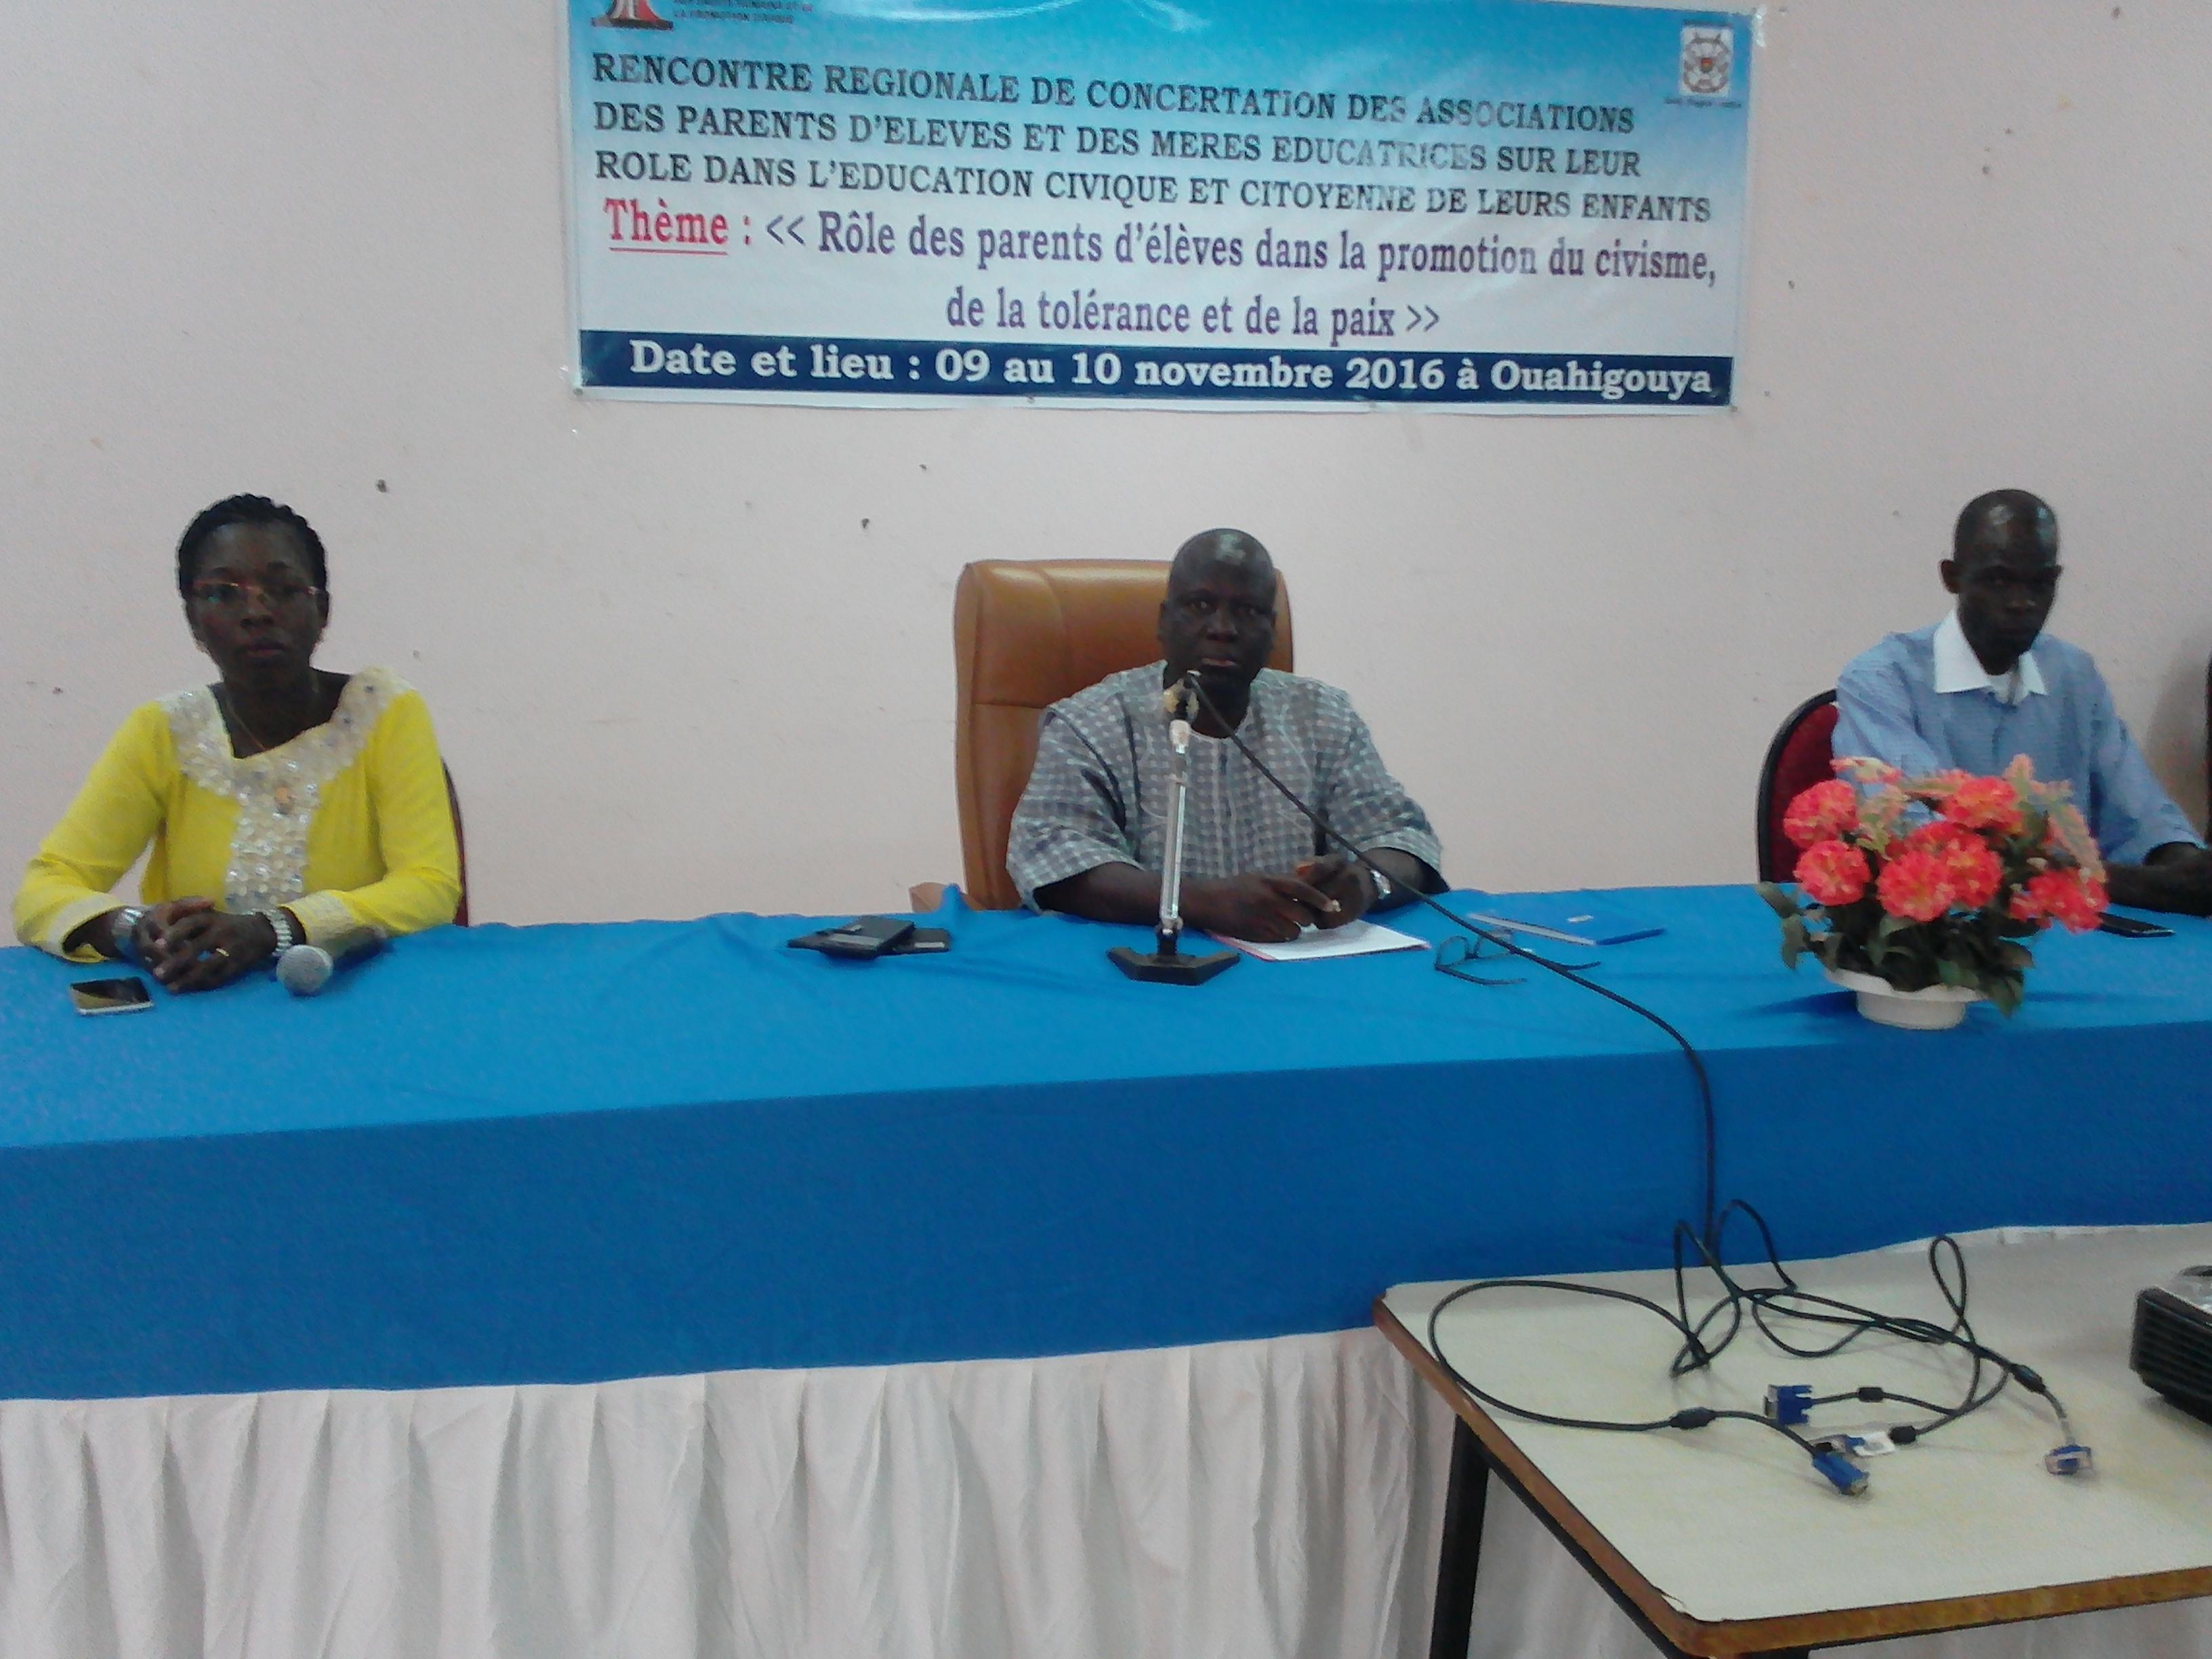 De gauche à droite, la directrice générale de la promotion civique, le secrétaire général représentant le gouverneur, le directeur régional du Nord.